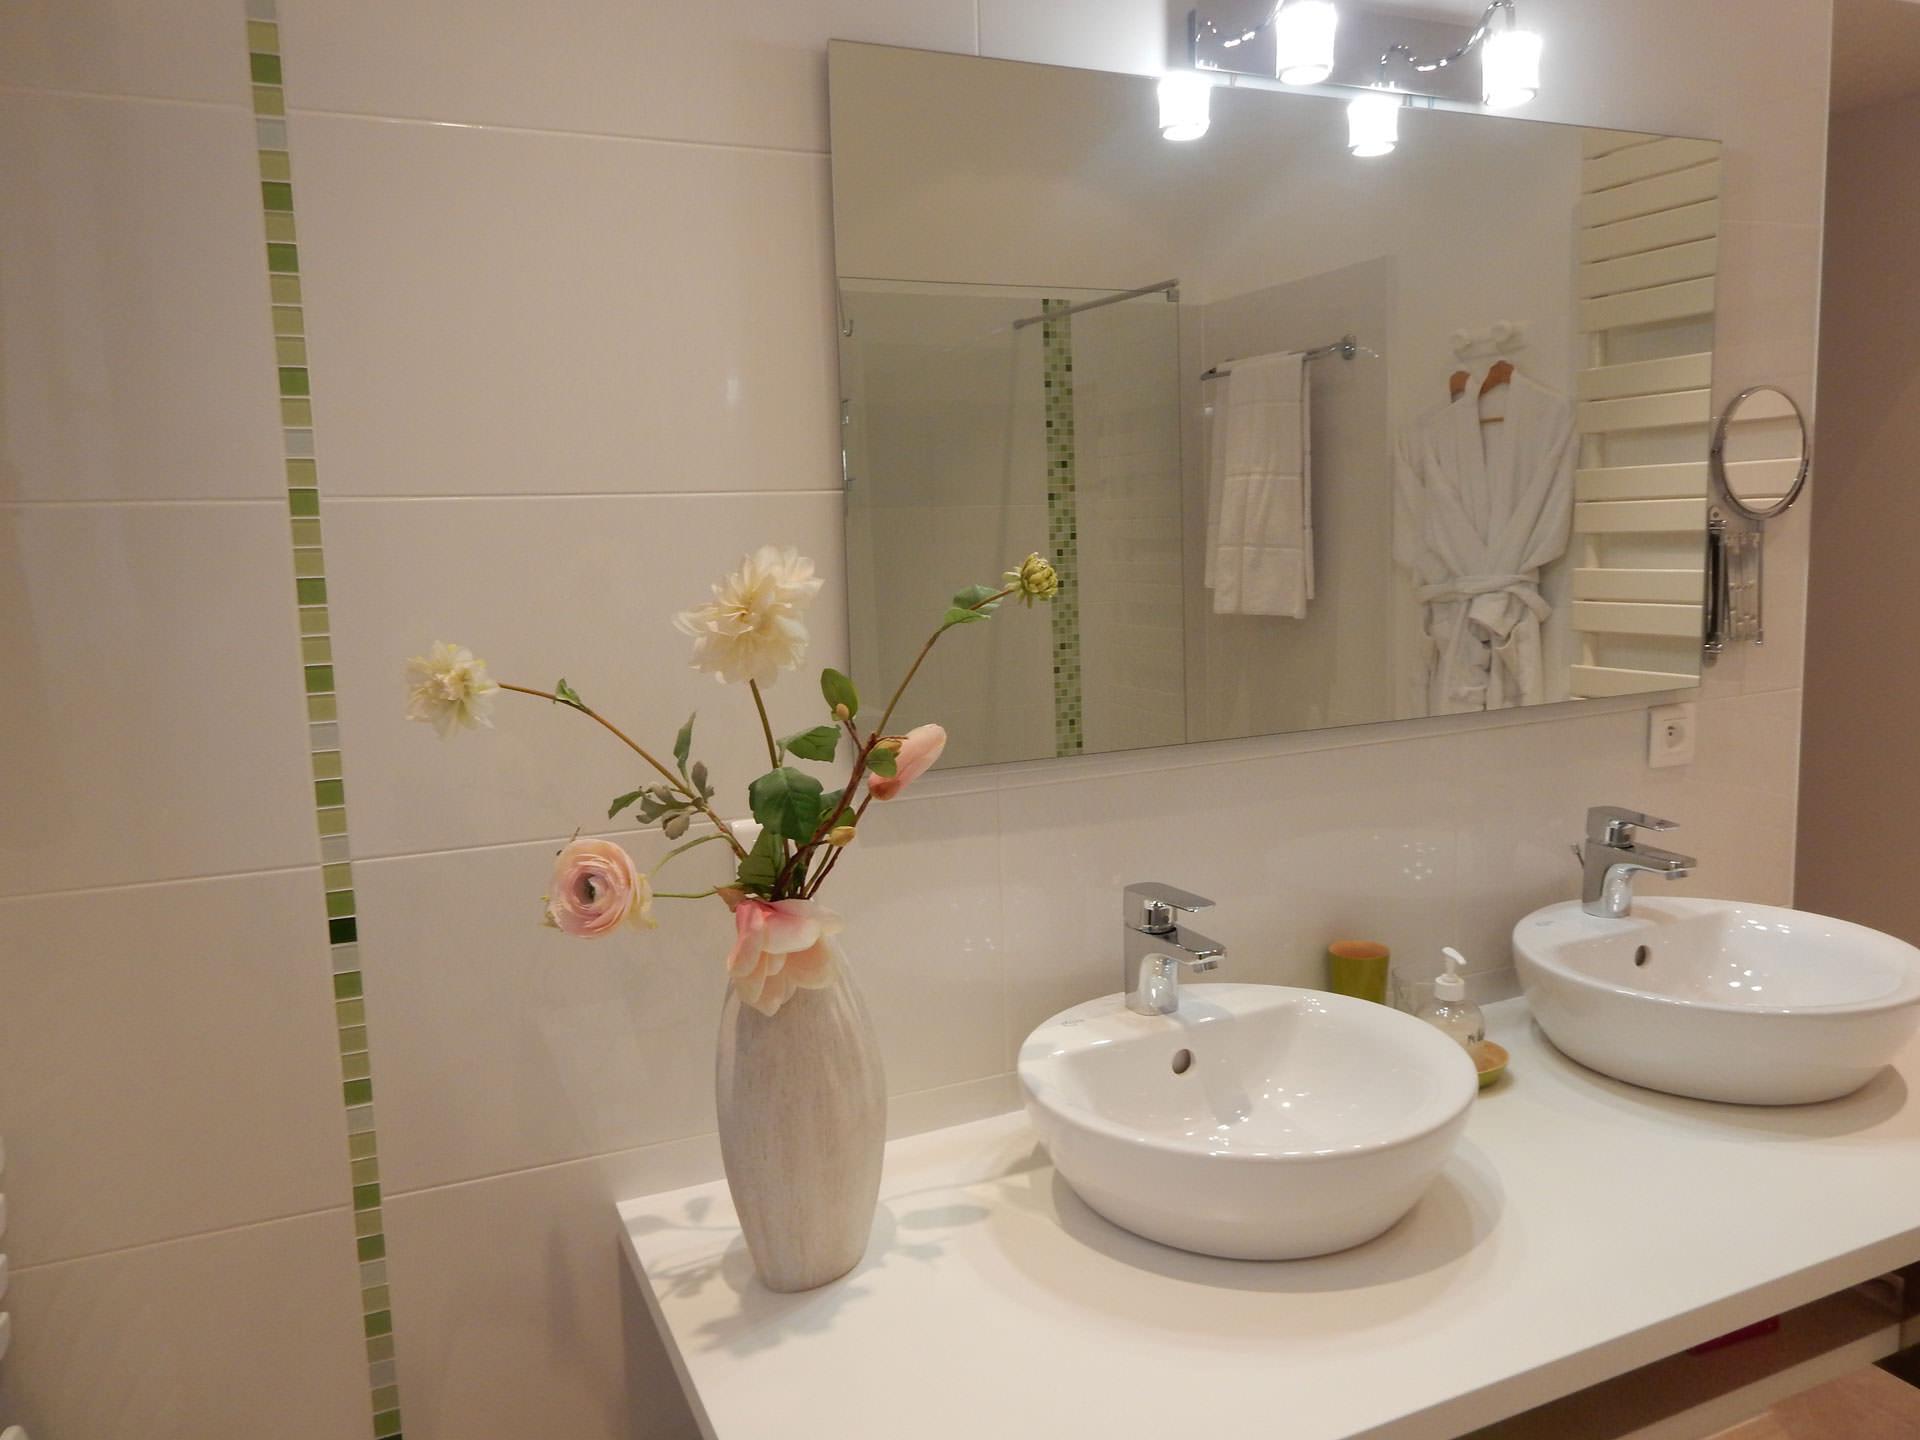 vasque salle de bain chambre d'hôtes Bleu Azur